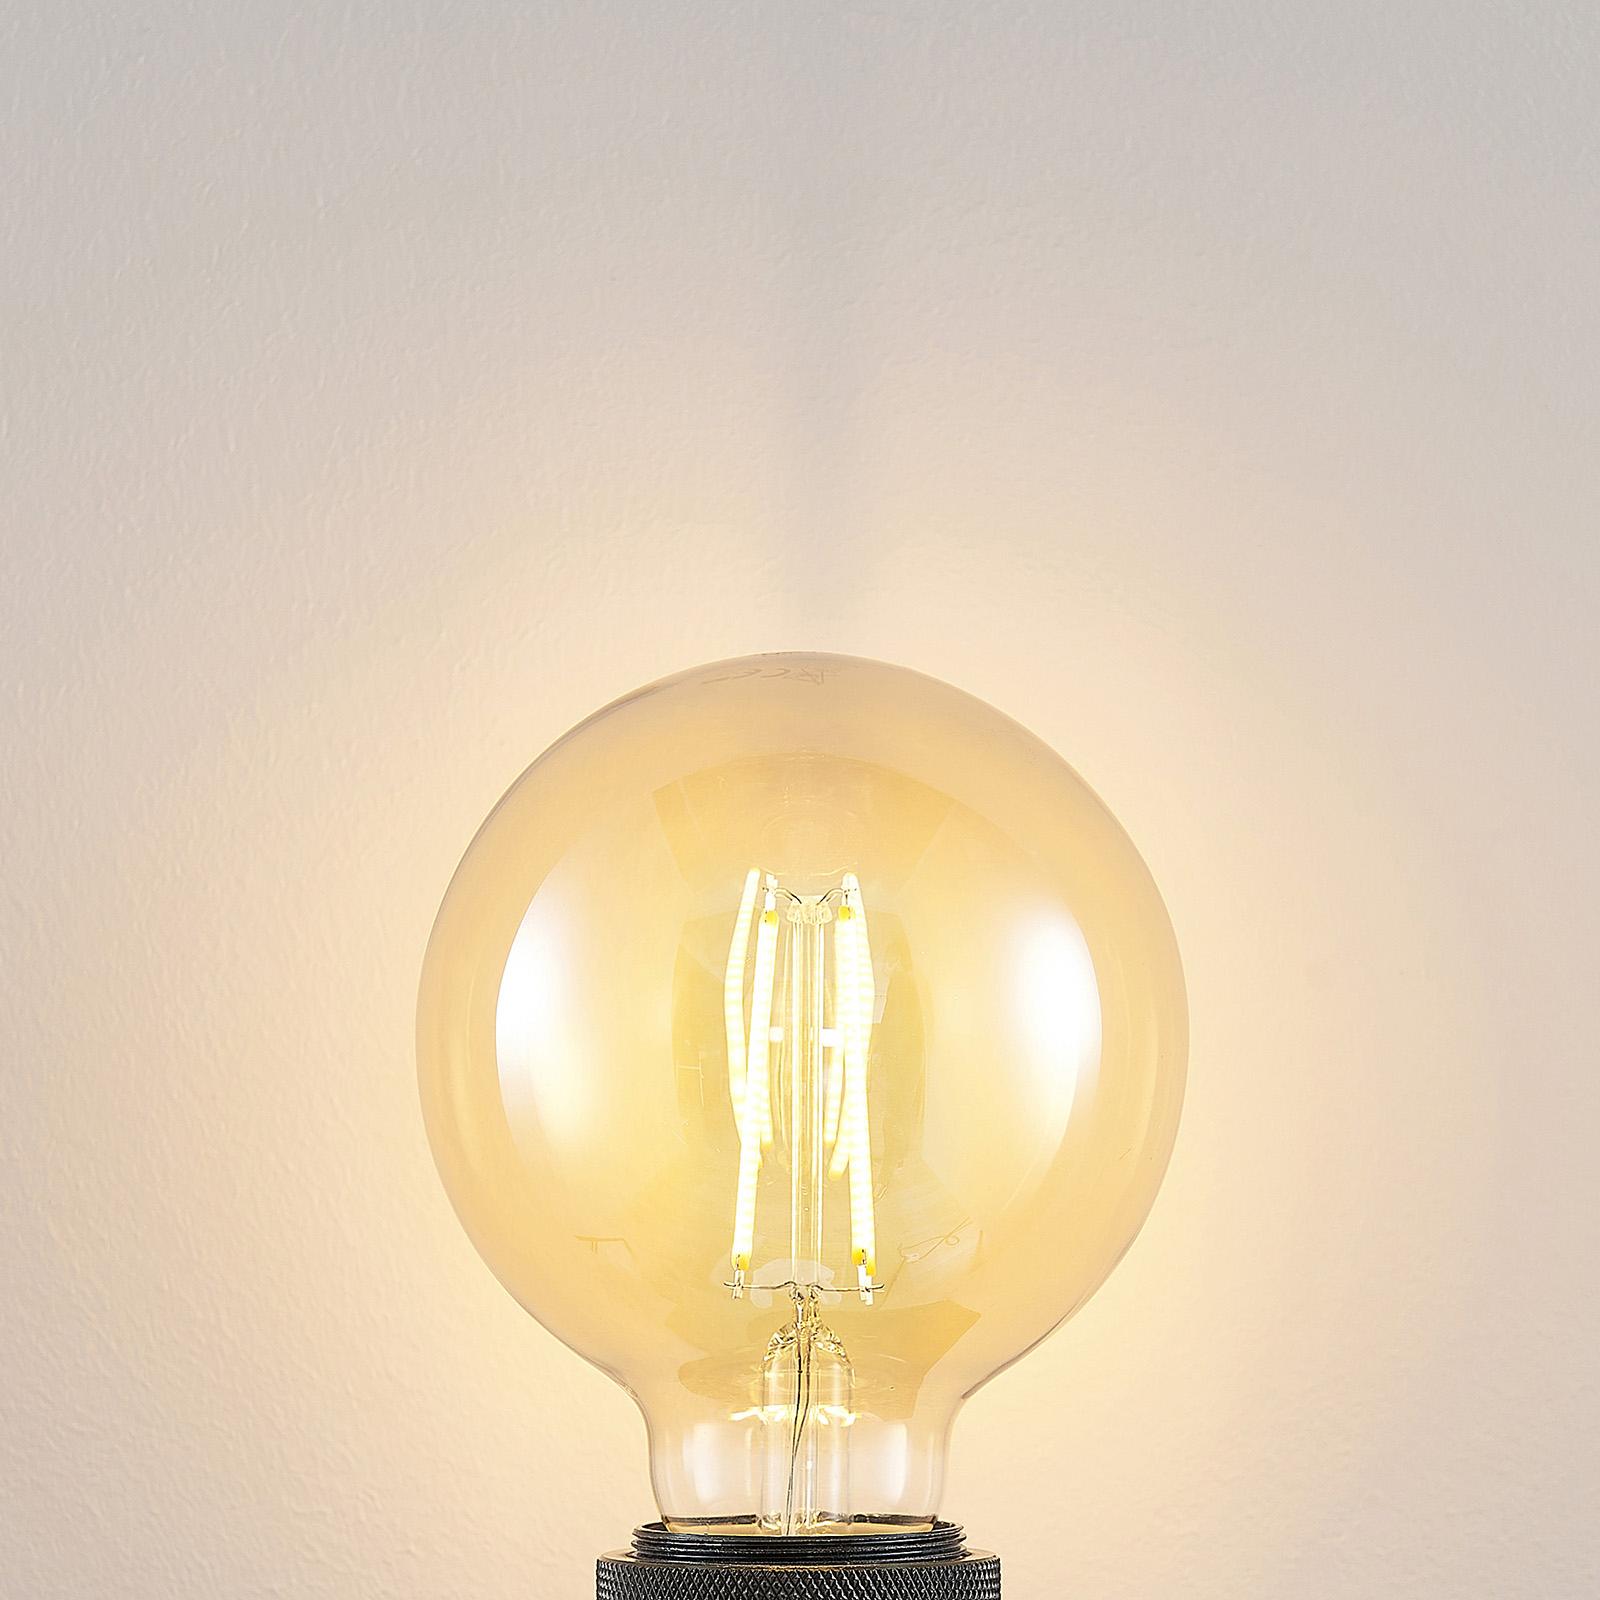 E27 LED-pære G95 6,5 W 2.500K ravgul 3-trinsdæmp.